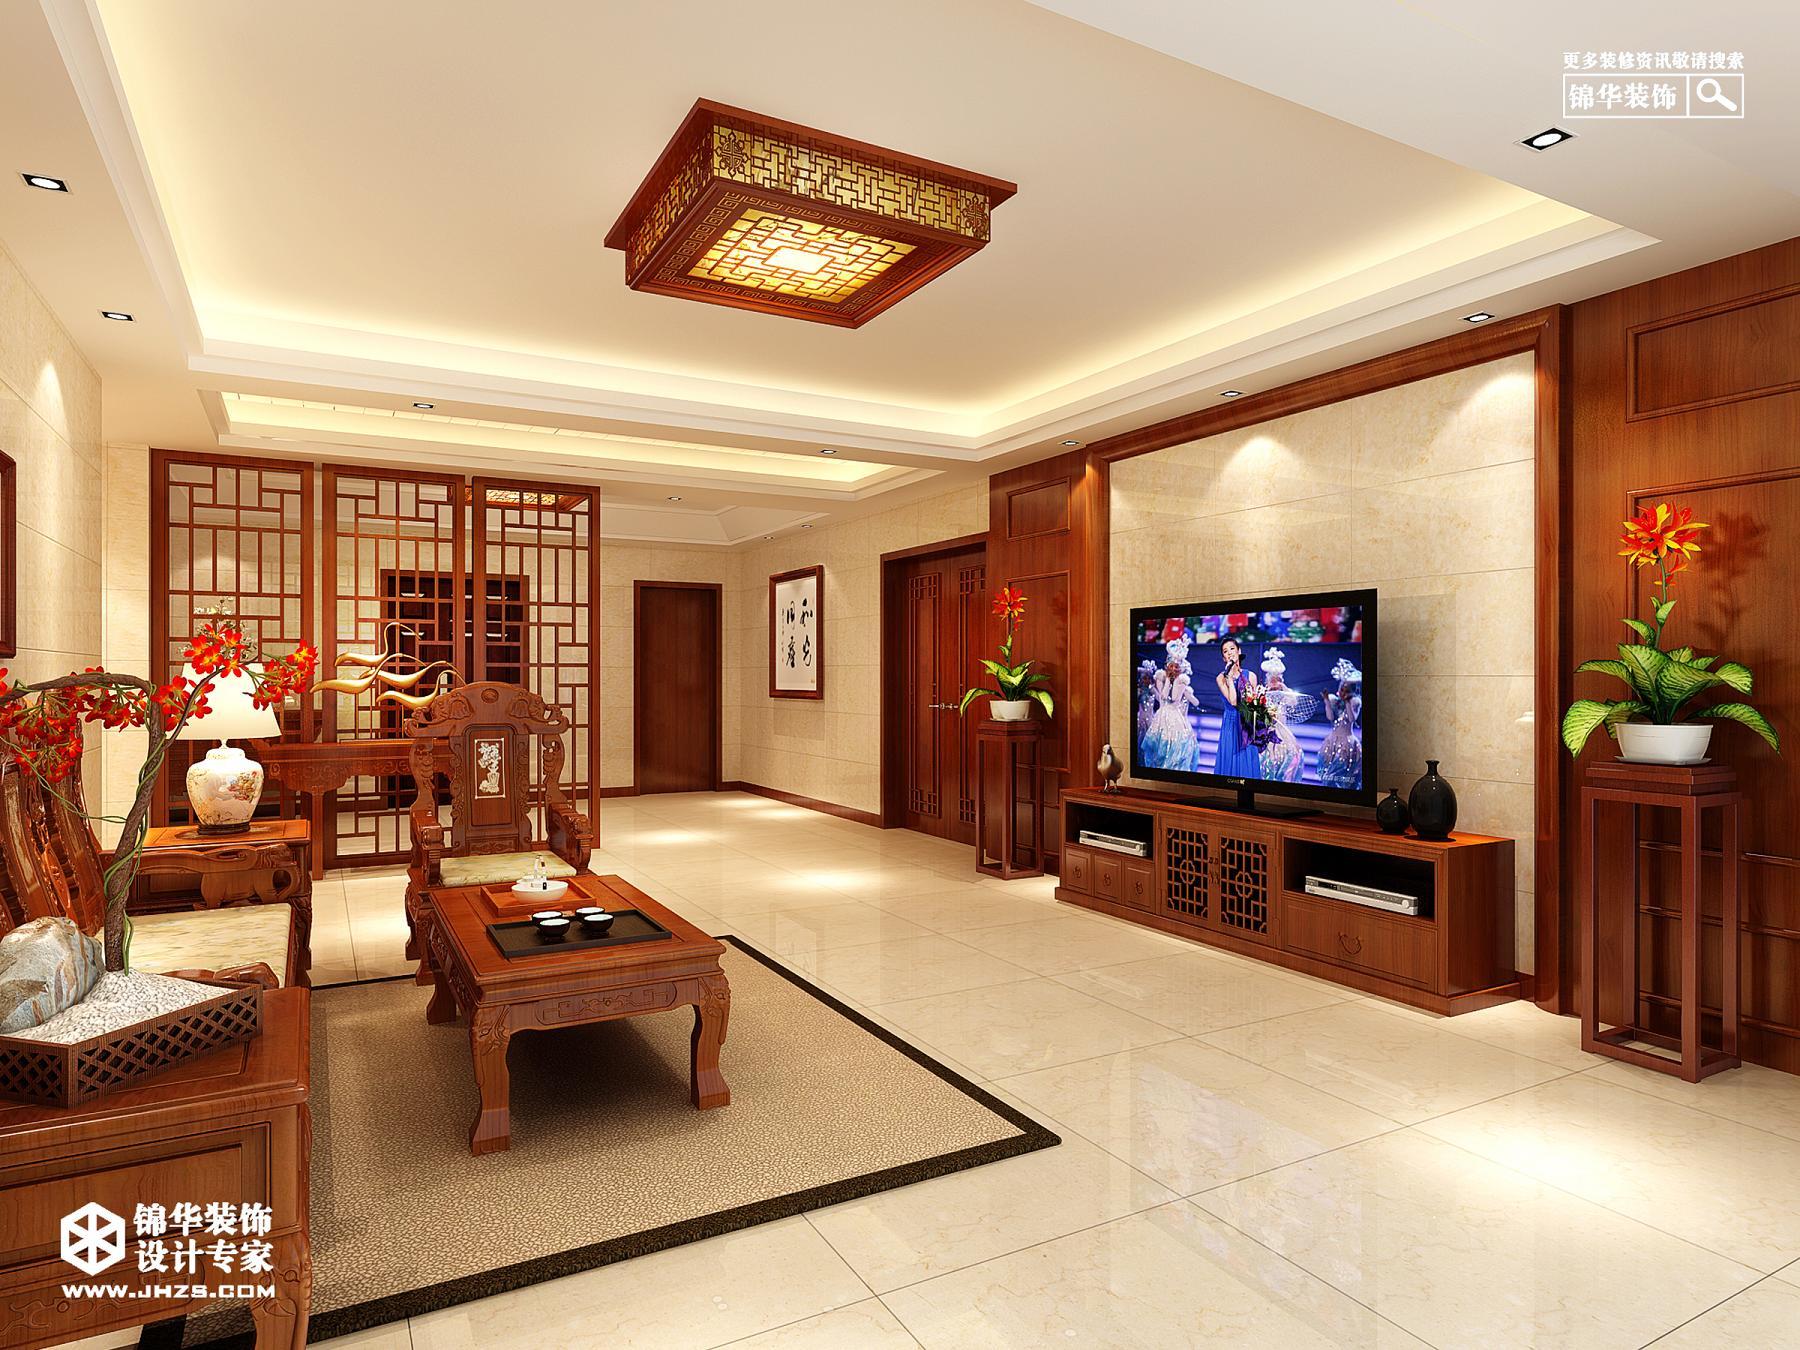 华府天第-中式装修-两室一厅-新中式